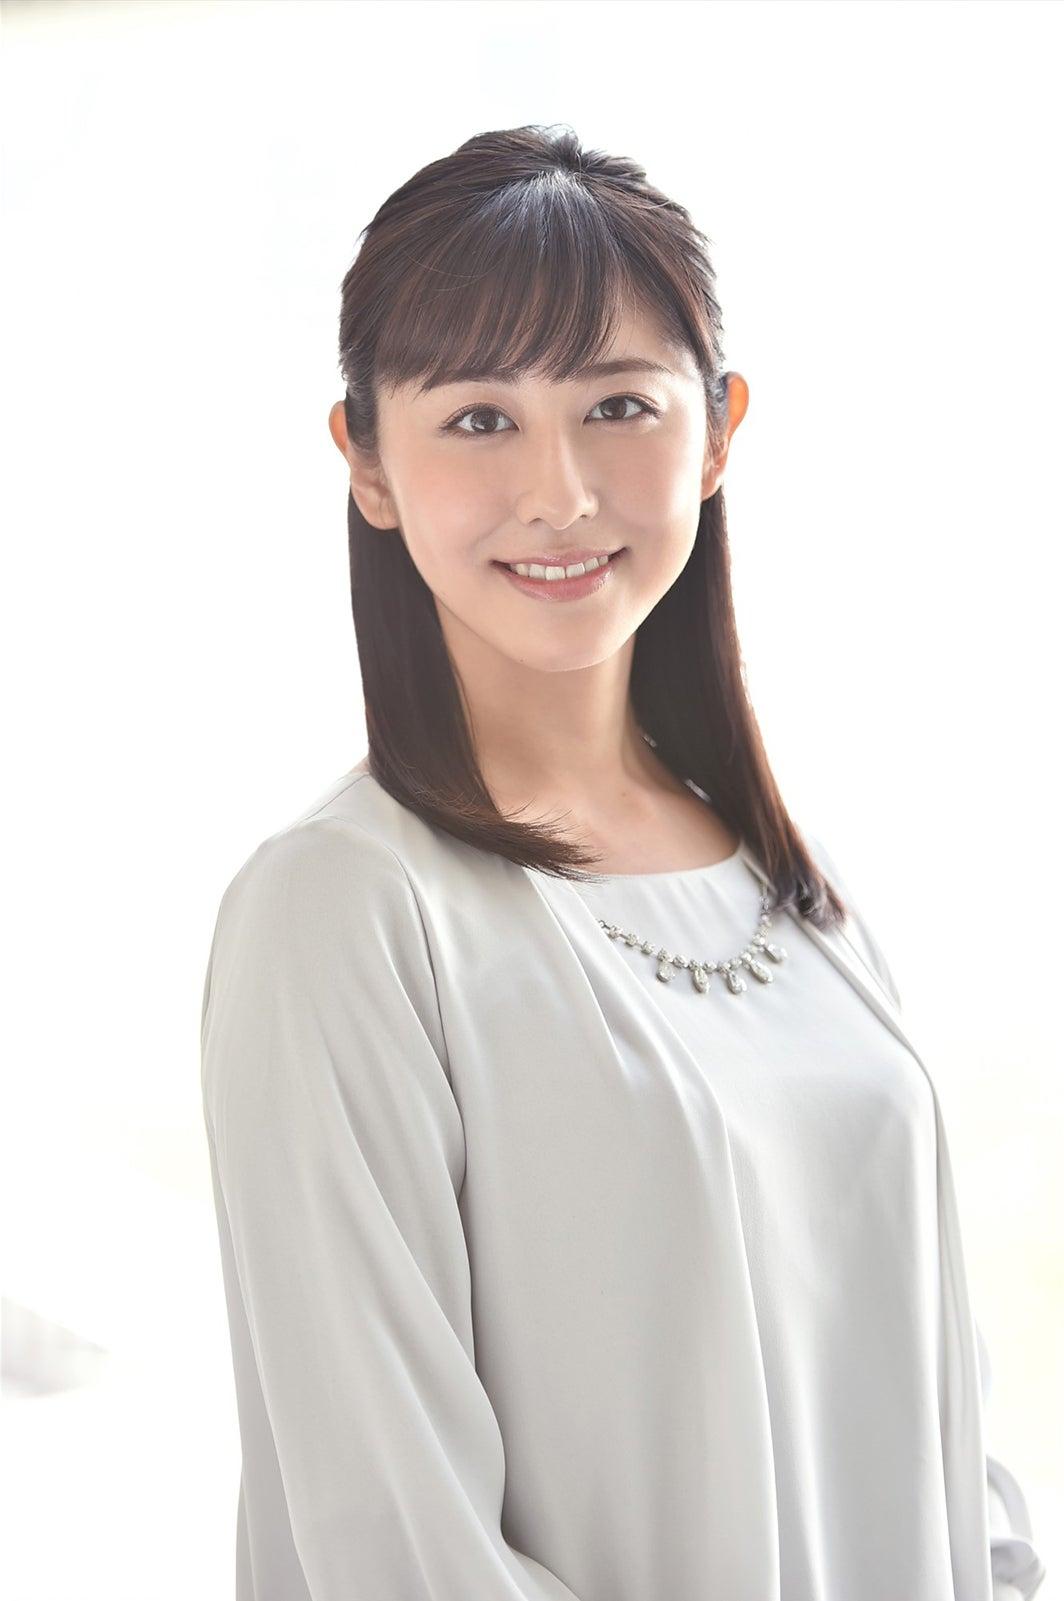 斎藤ちはる(画像提供:テレビ朝日)